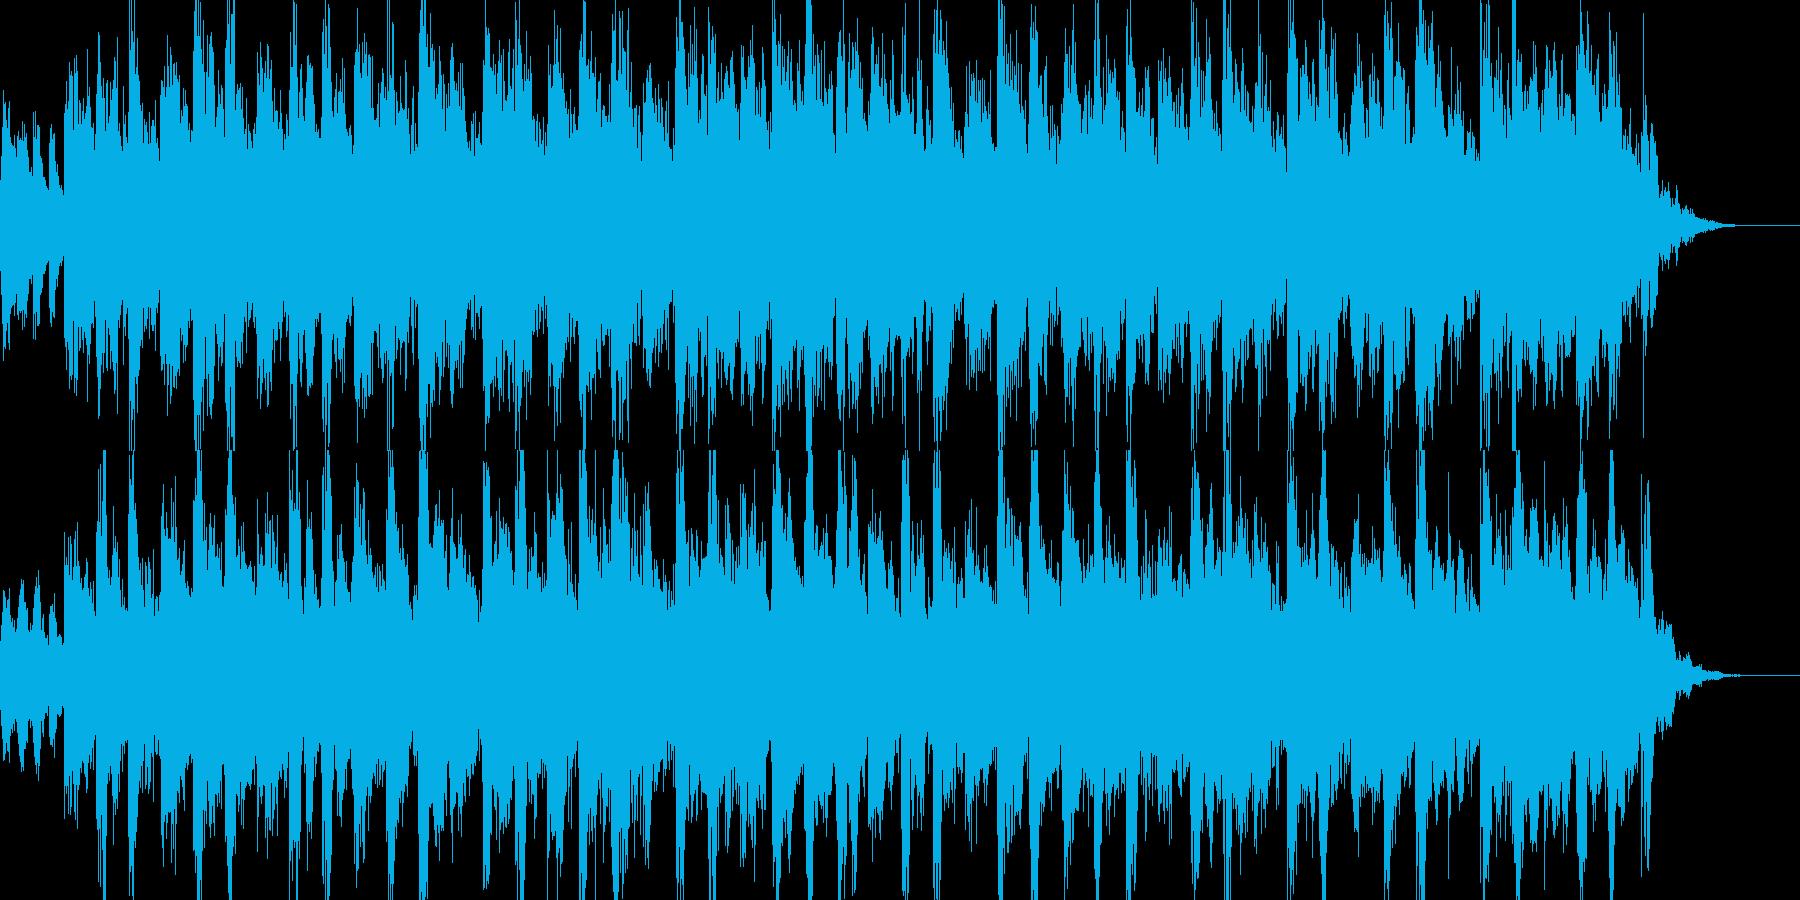 民族の曲調でシリアル系の曲の再生済みの波形